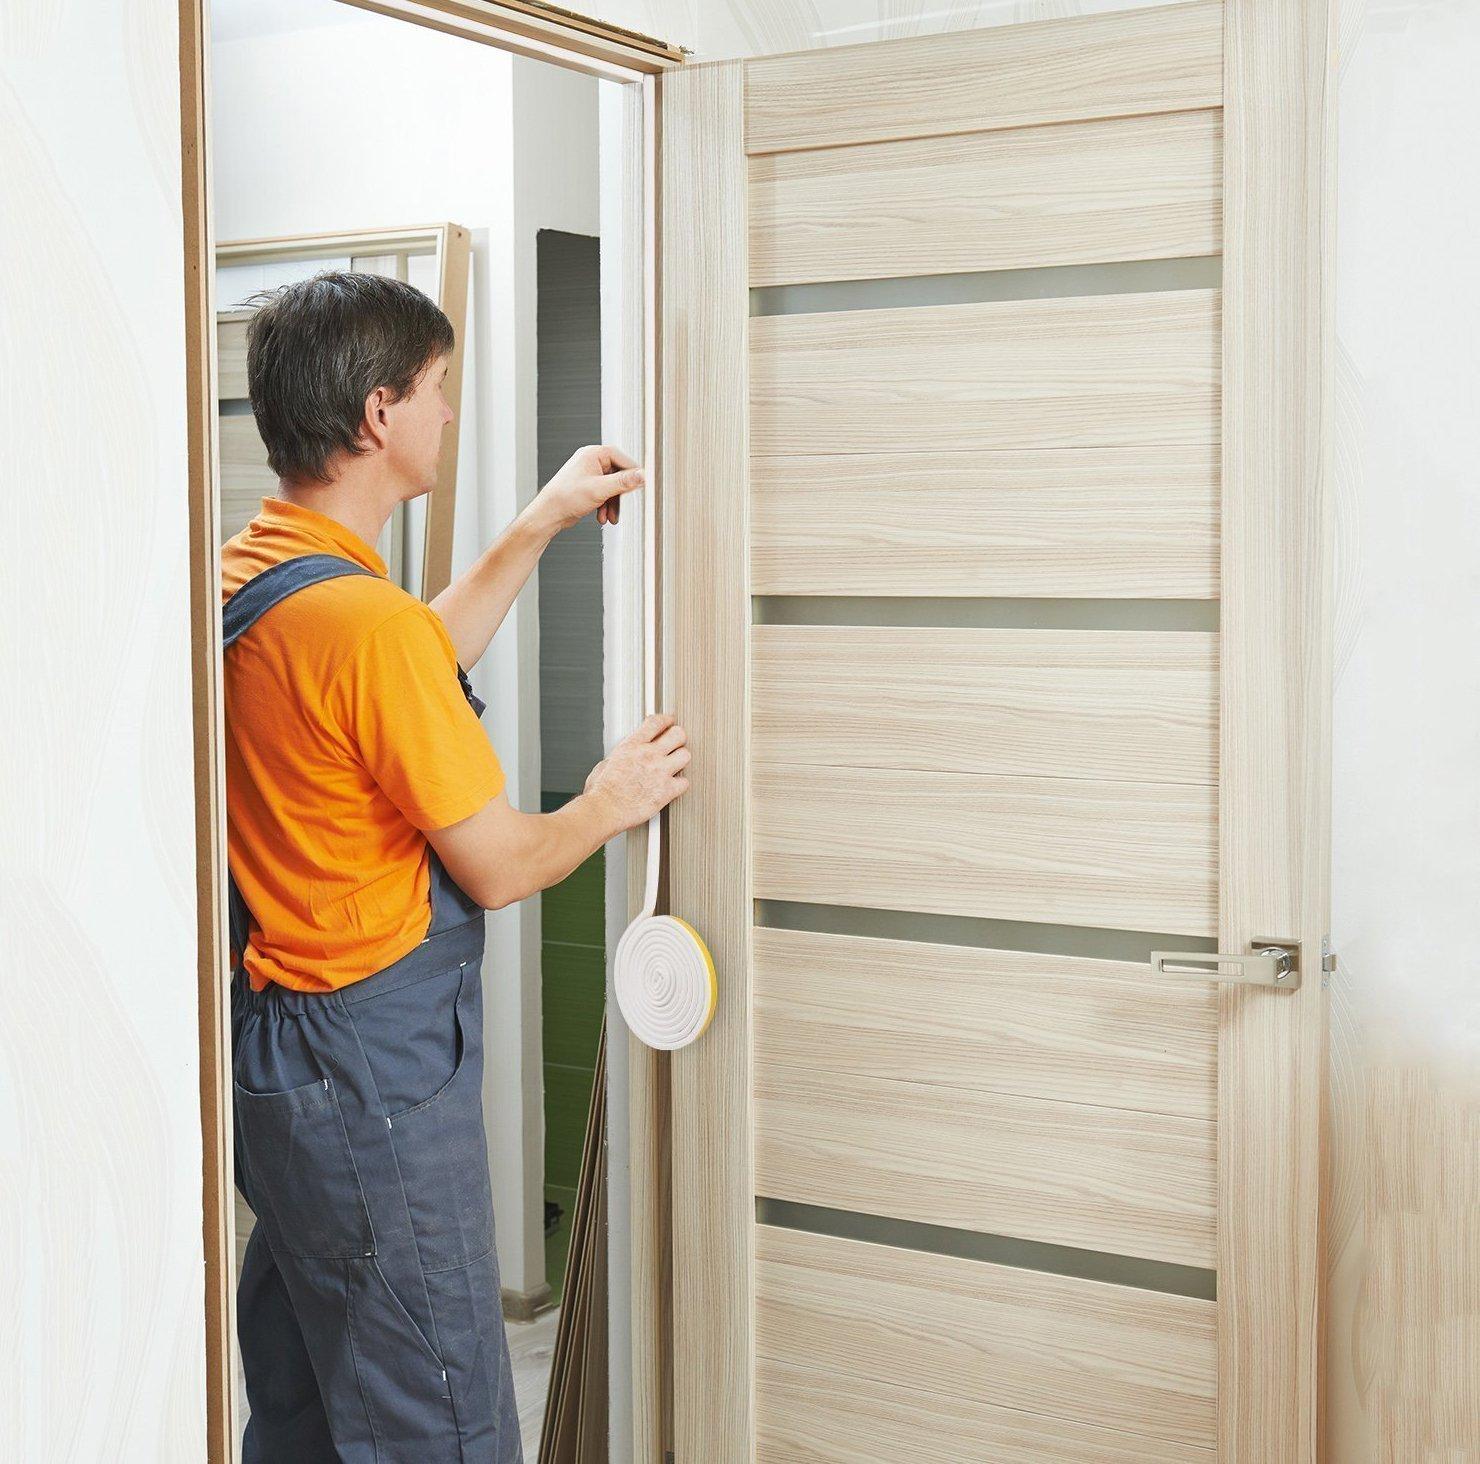 Door Window Weather Stripping Rubber Door Seal Strip Door Insulation Strip  Kit Weatherstrip Soundproofing For Doors Windows Winter Seal Adhesive Cars  Frame ...